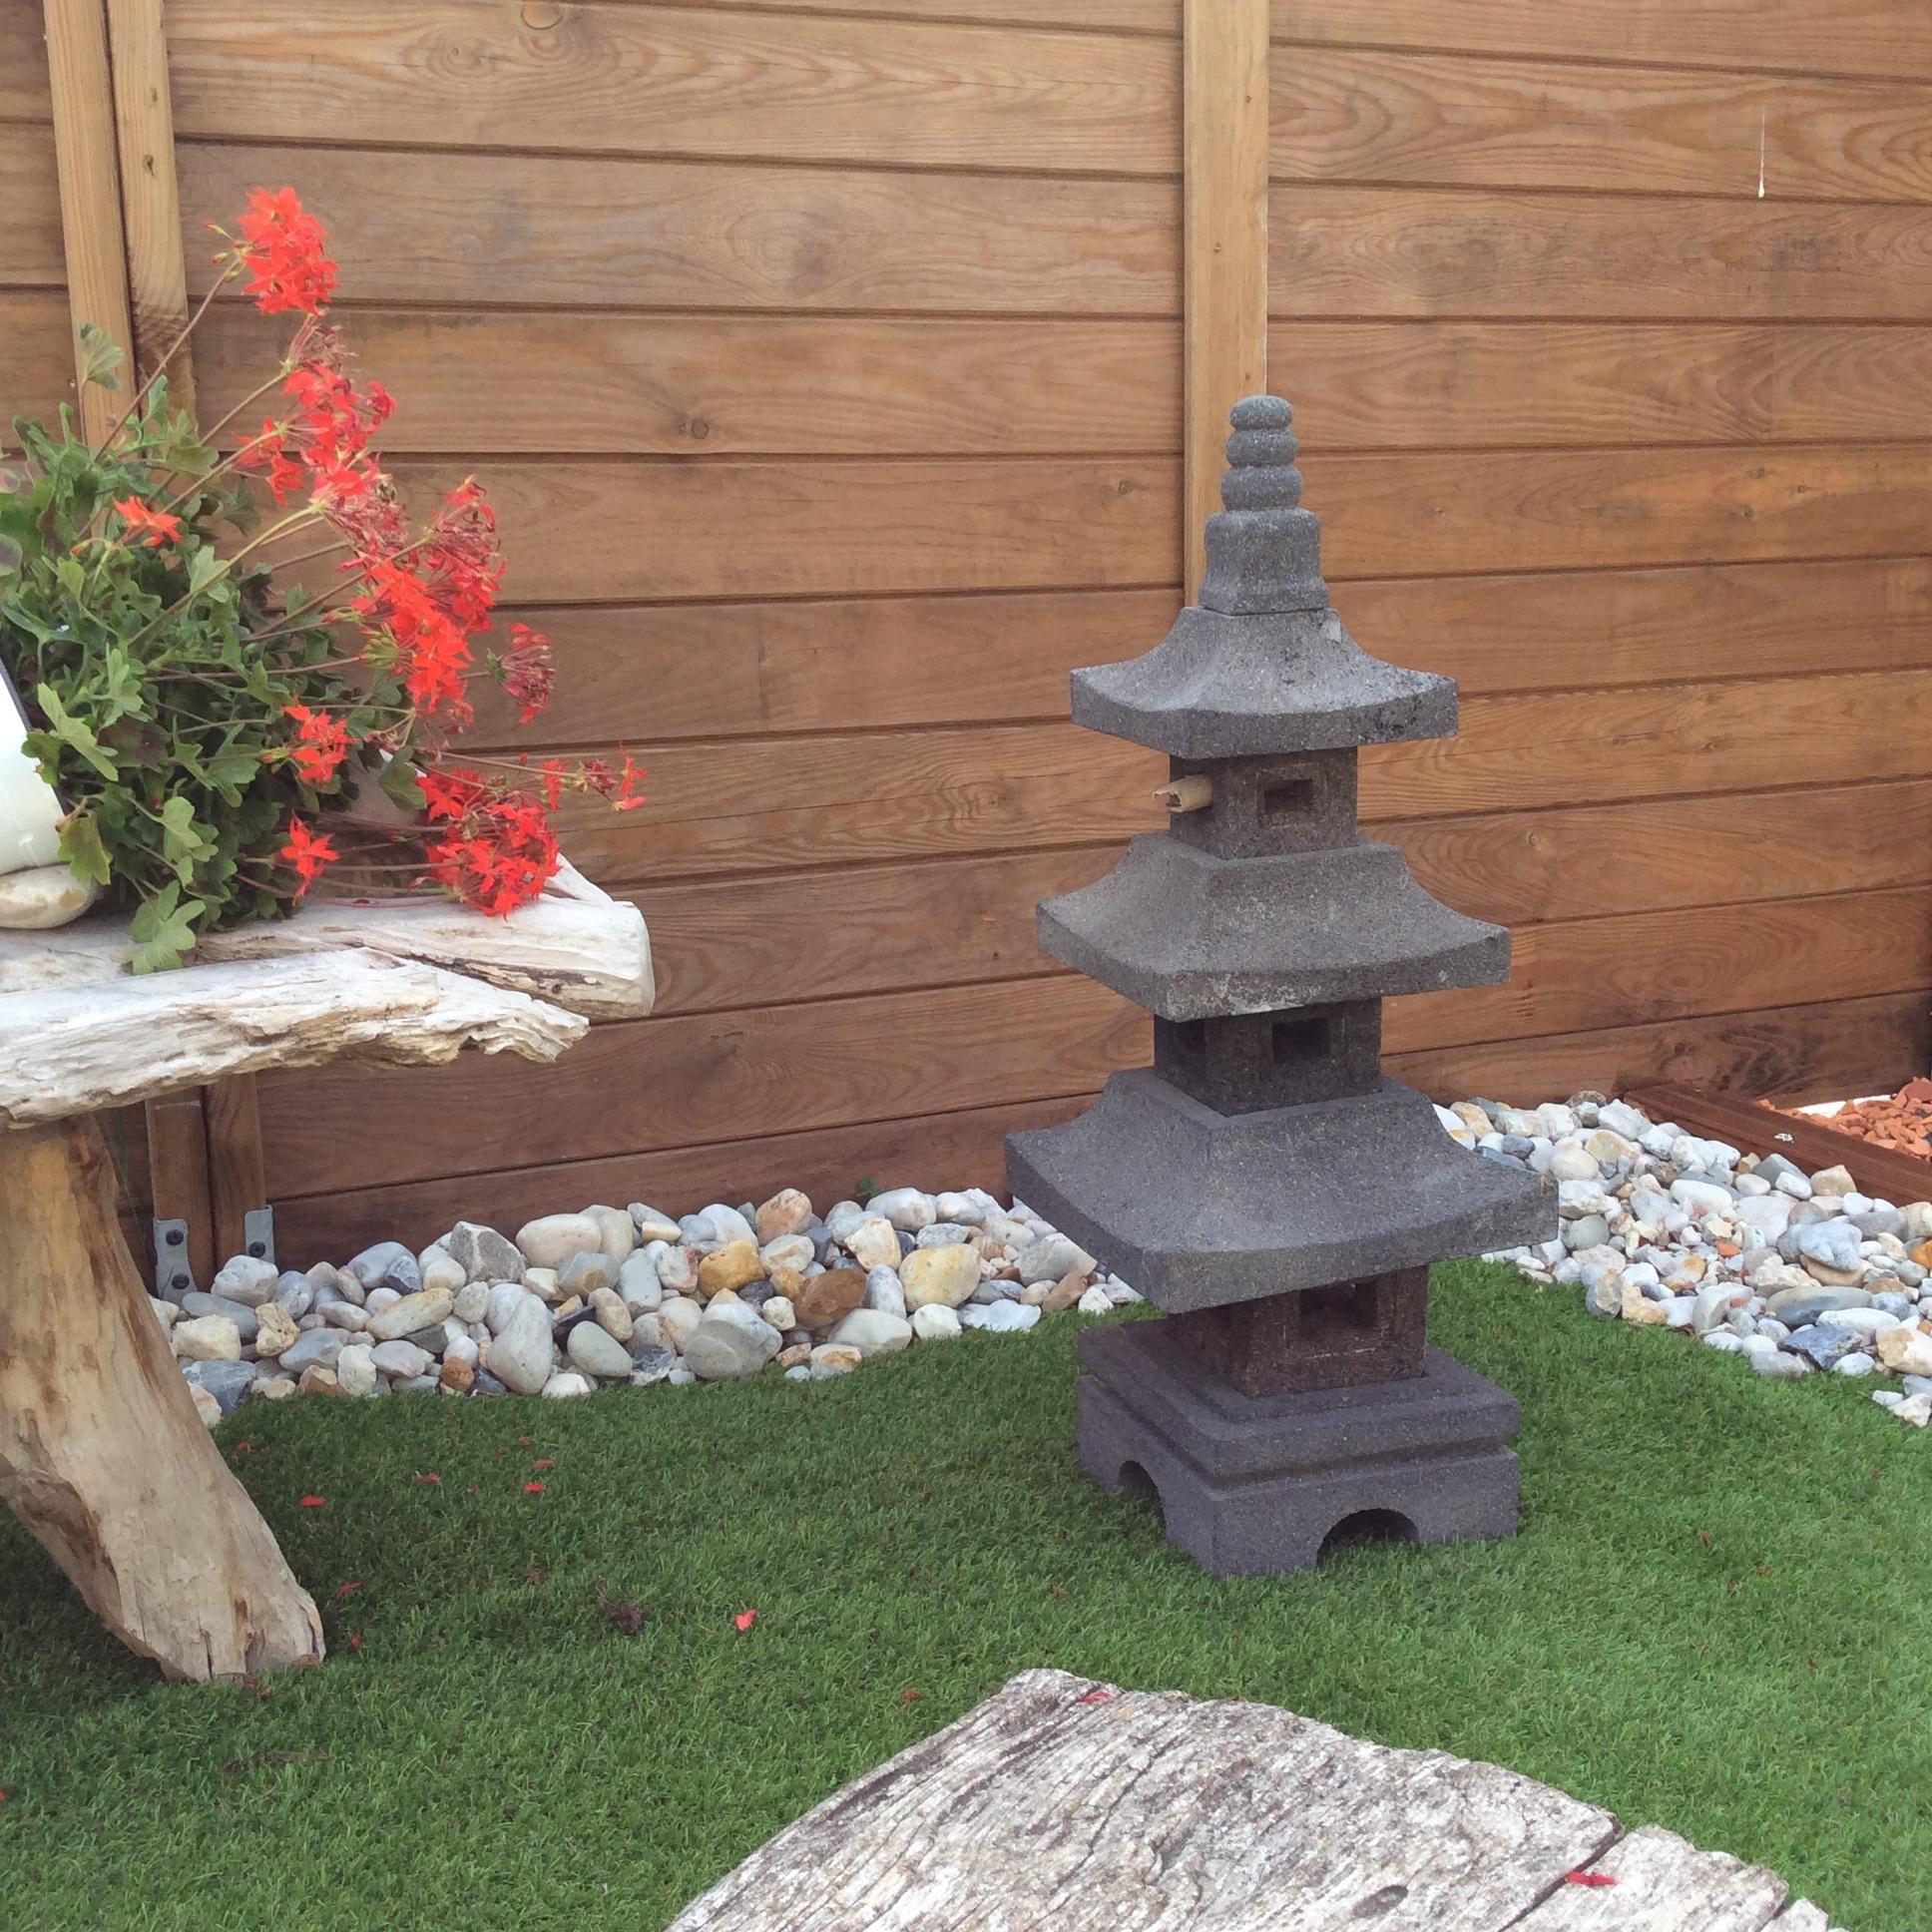 lampe jardin lanterne japonaise en pierre de lave 80 cm anj. Black Bedroom Furniture Sets. Home Design Ideas